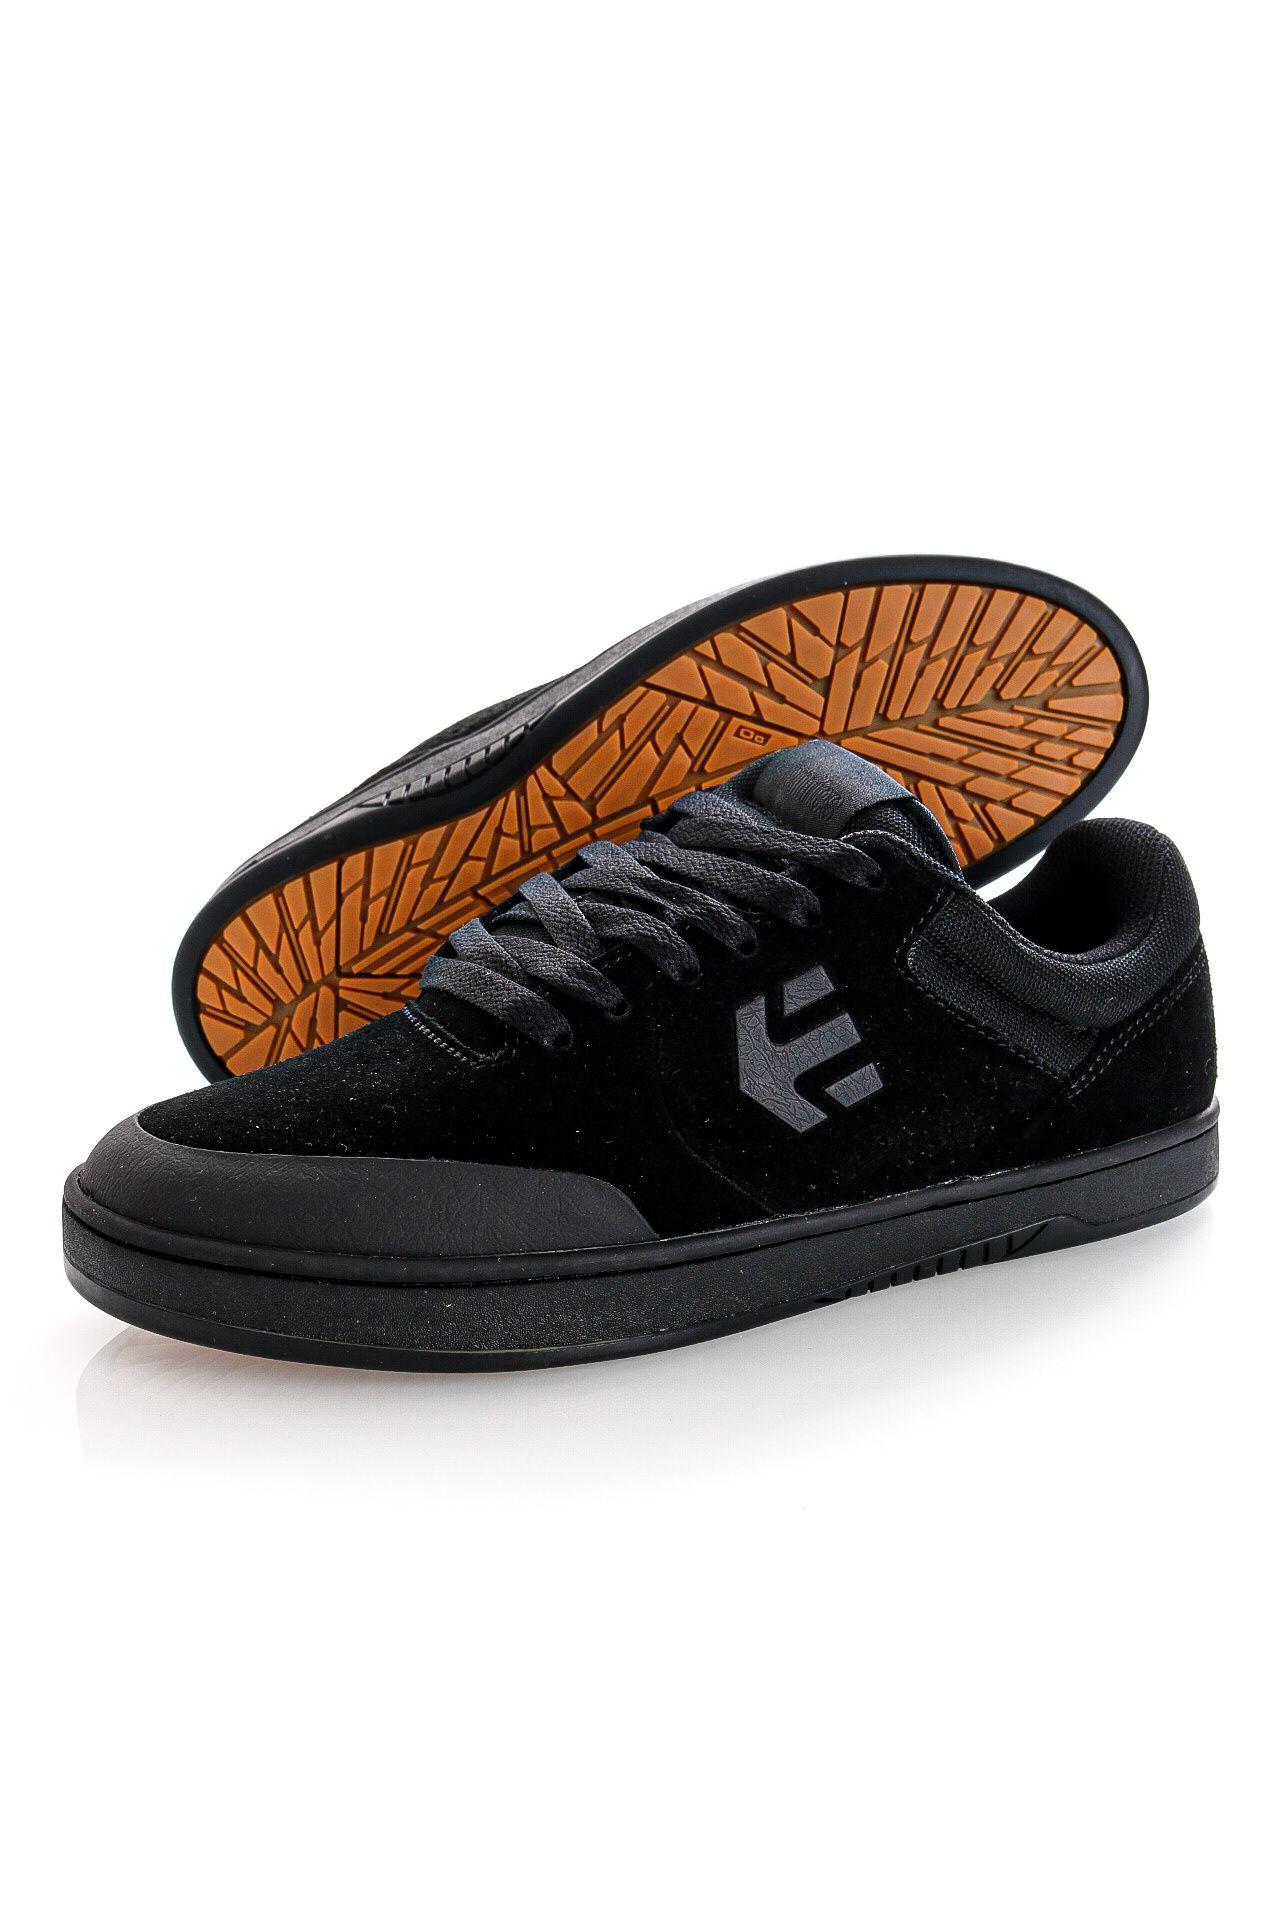 Afbeelding van Etnies Sneakers Marana Black/Black/Black 4101000403004